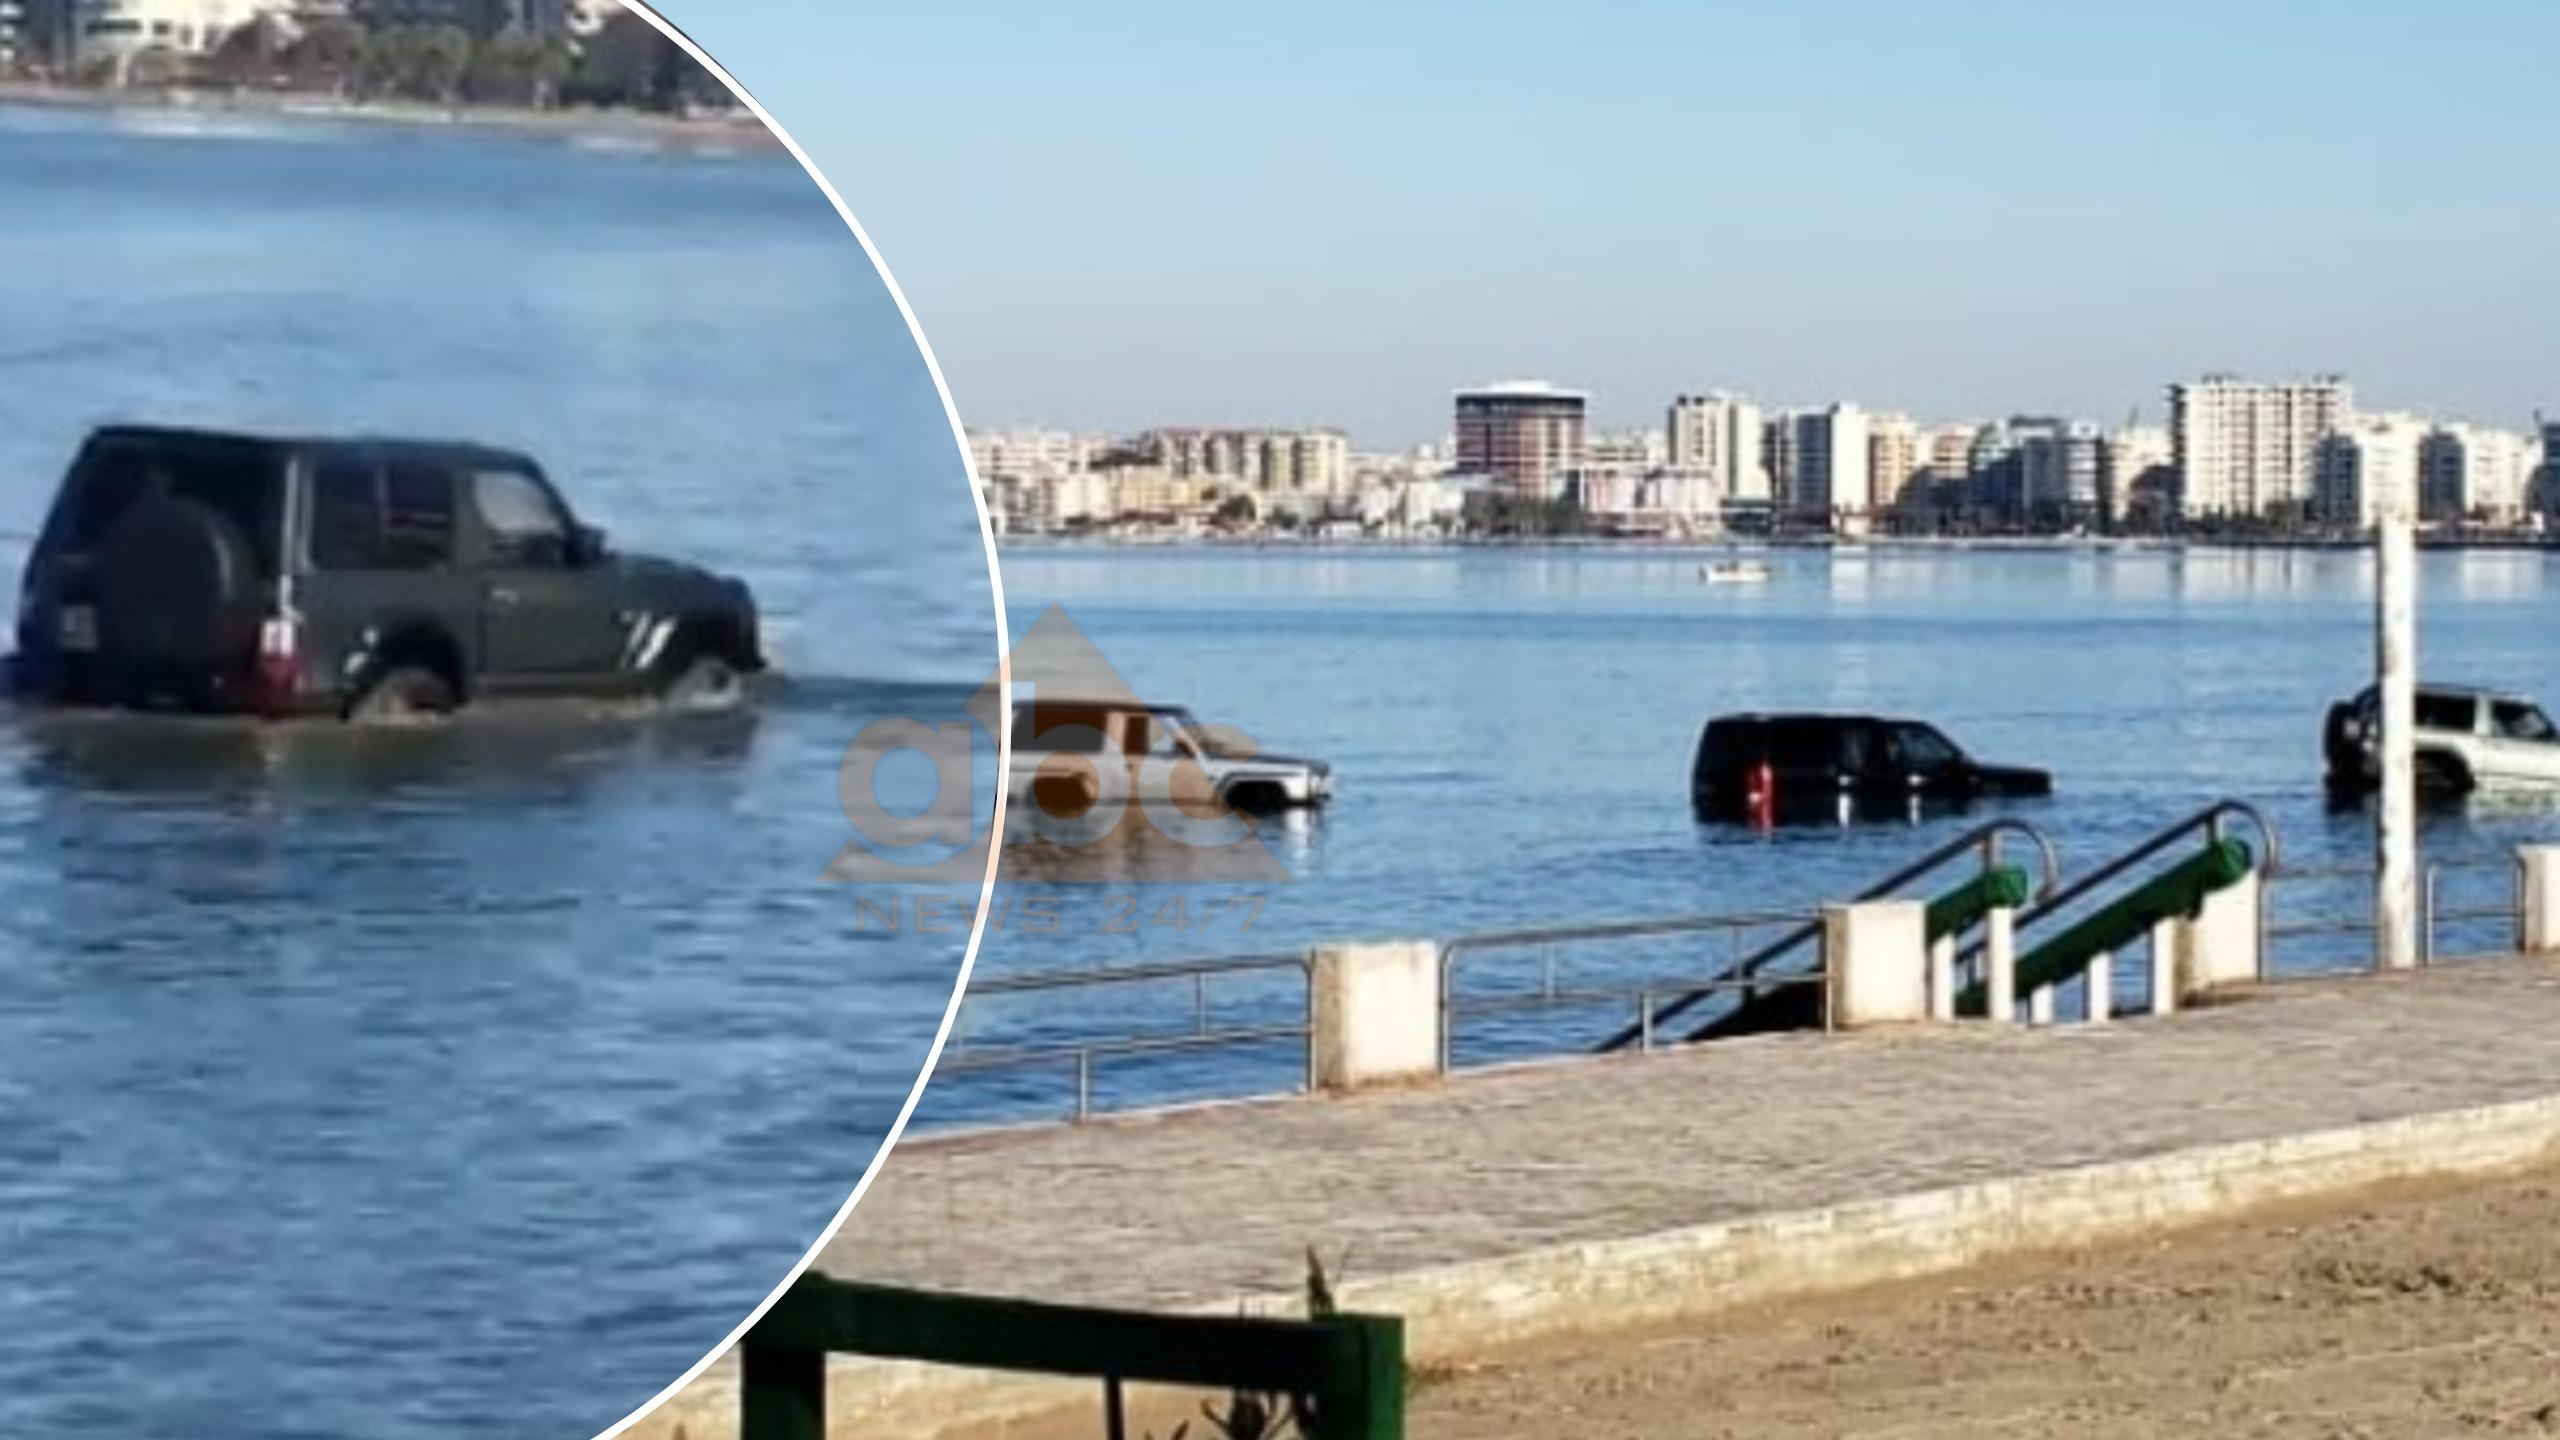 Zbardhet misteri: Pse ndodheshin tre fuoristradat në thellësi të detit në Vlorë